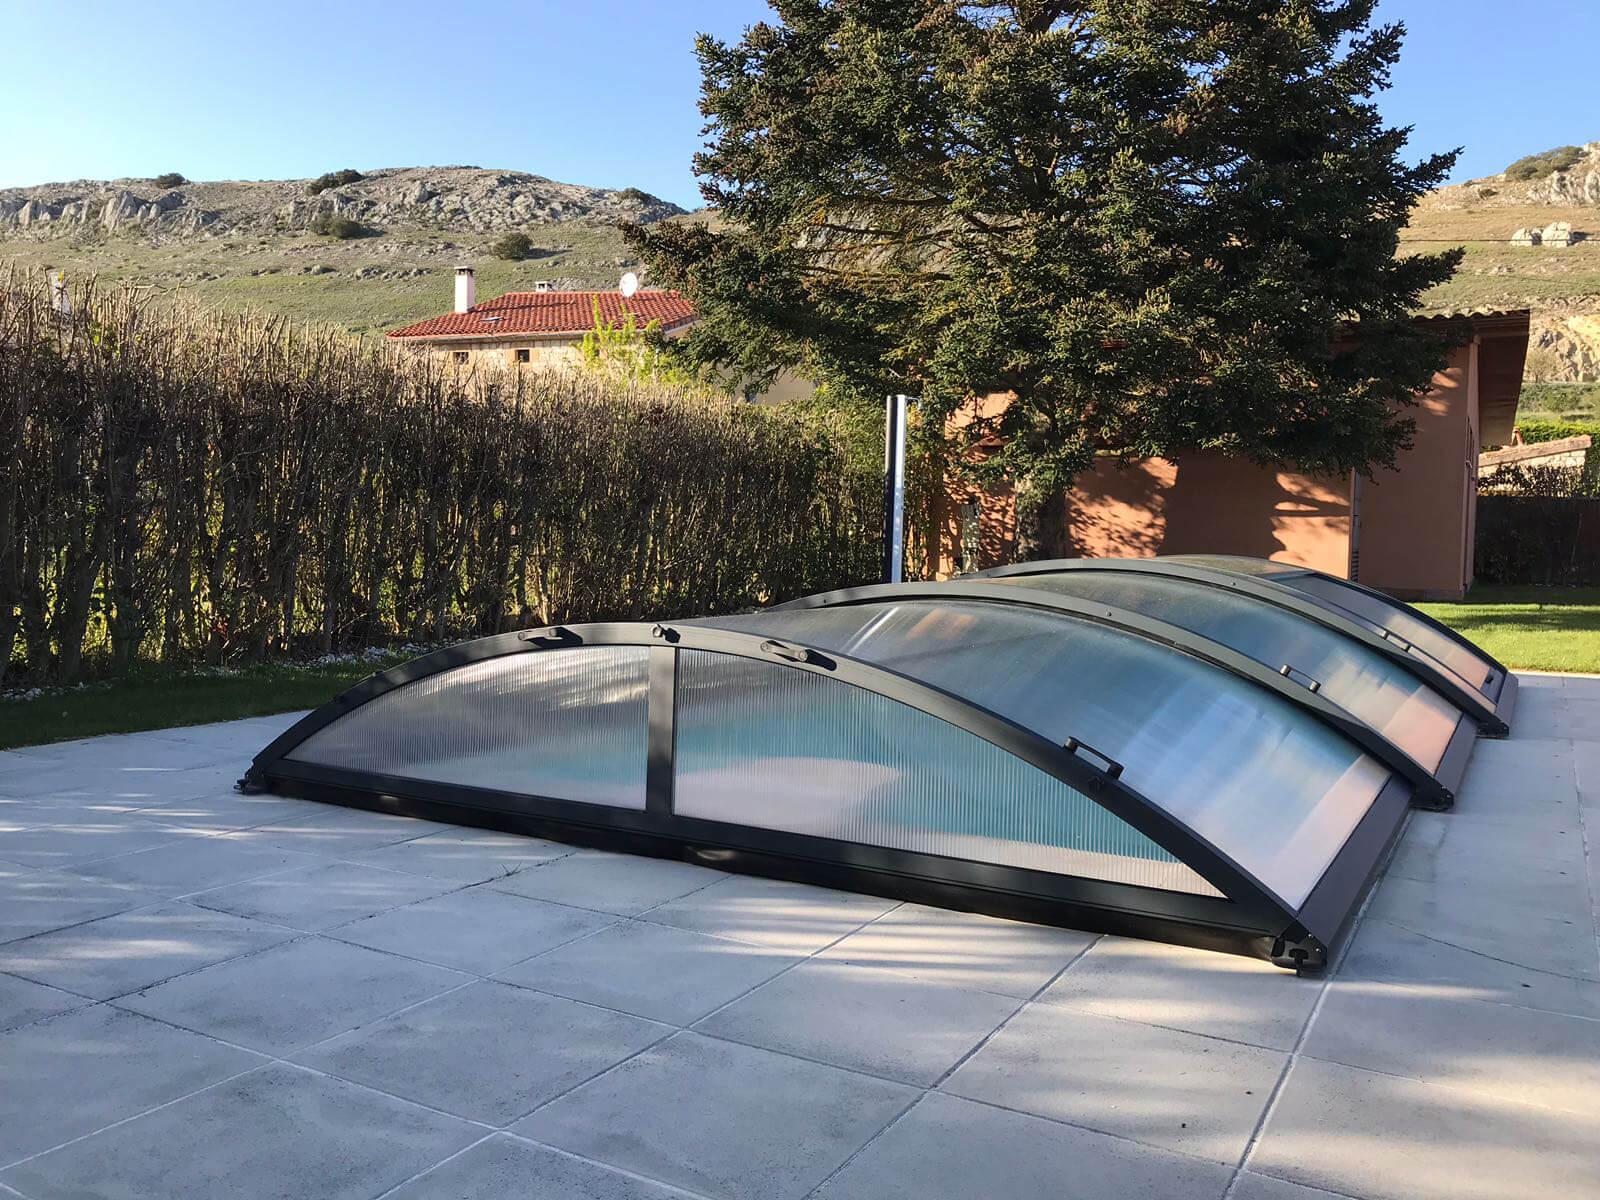 Cubierta Teide: Cerramiento de piscinas baja y telescópica en Burgos exterior lateral